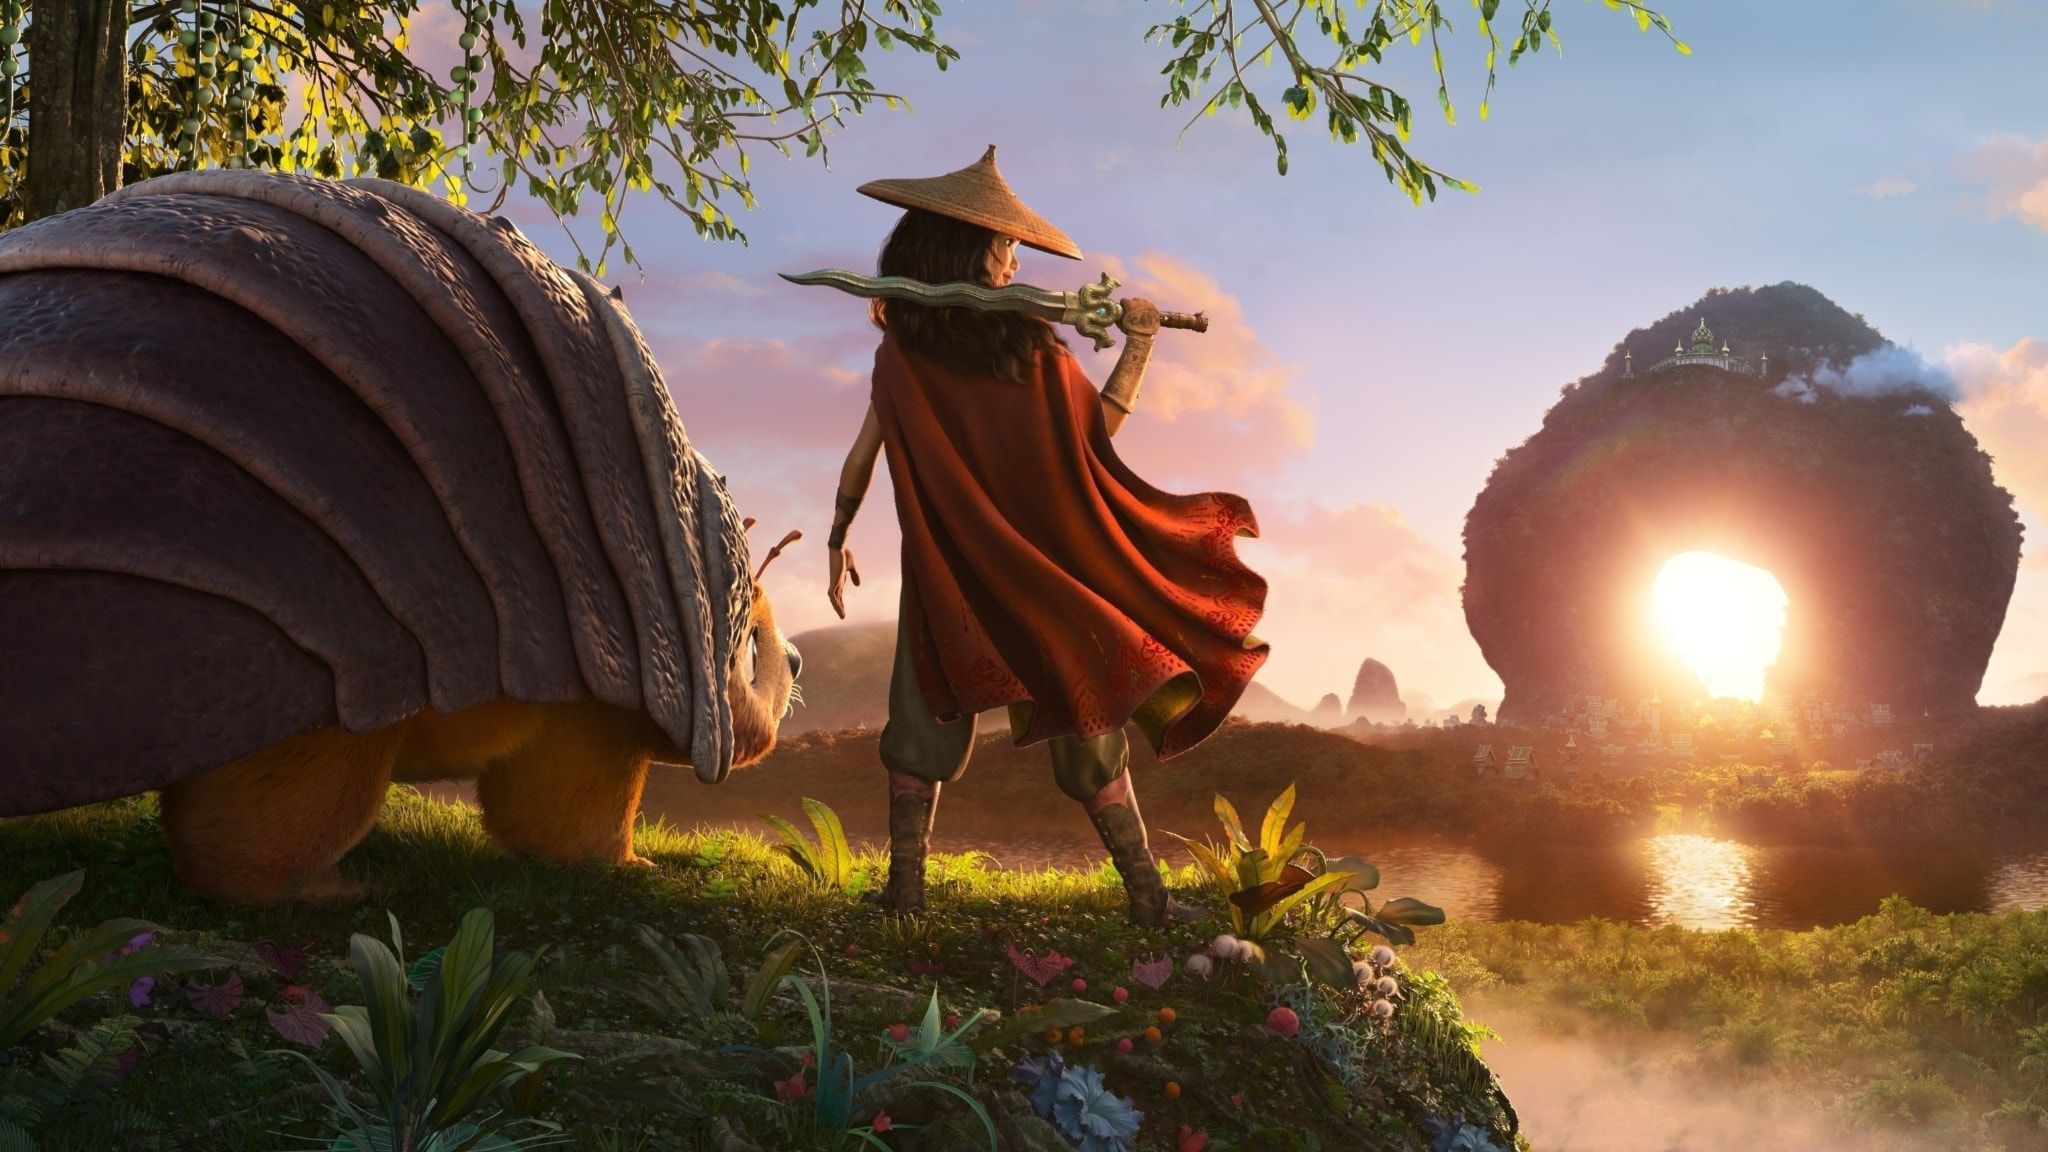 Raya och den sista draken.